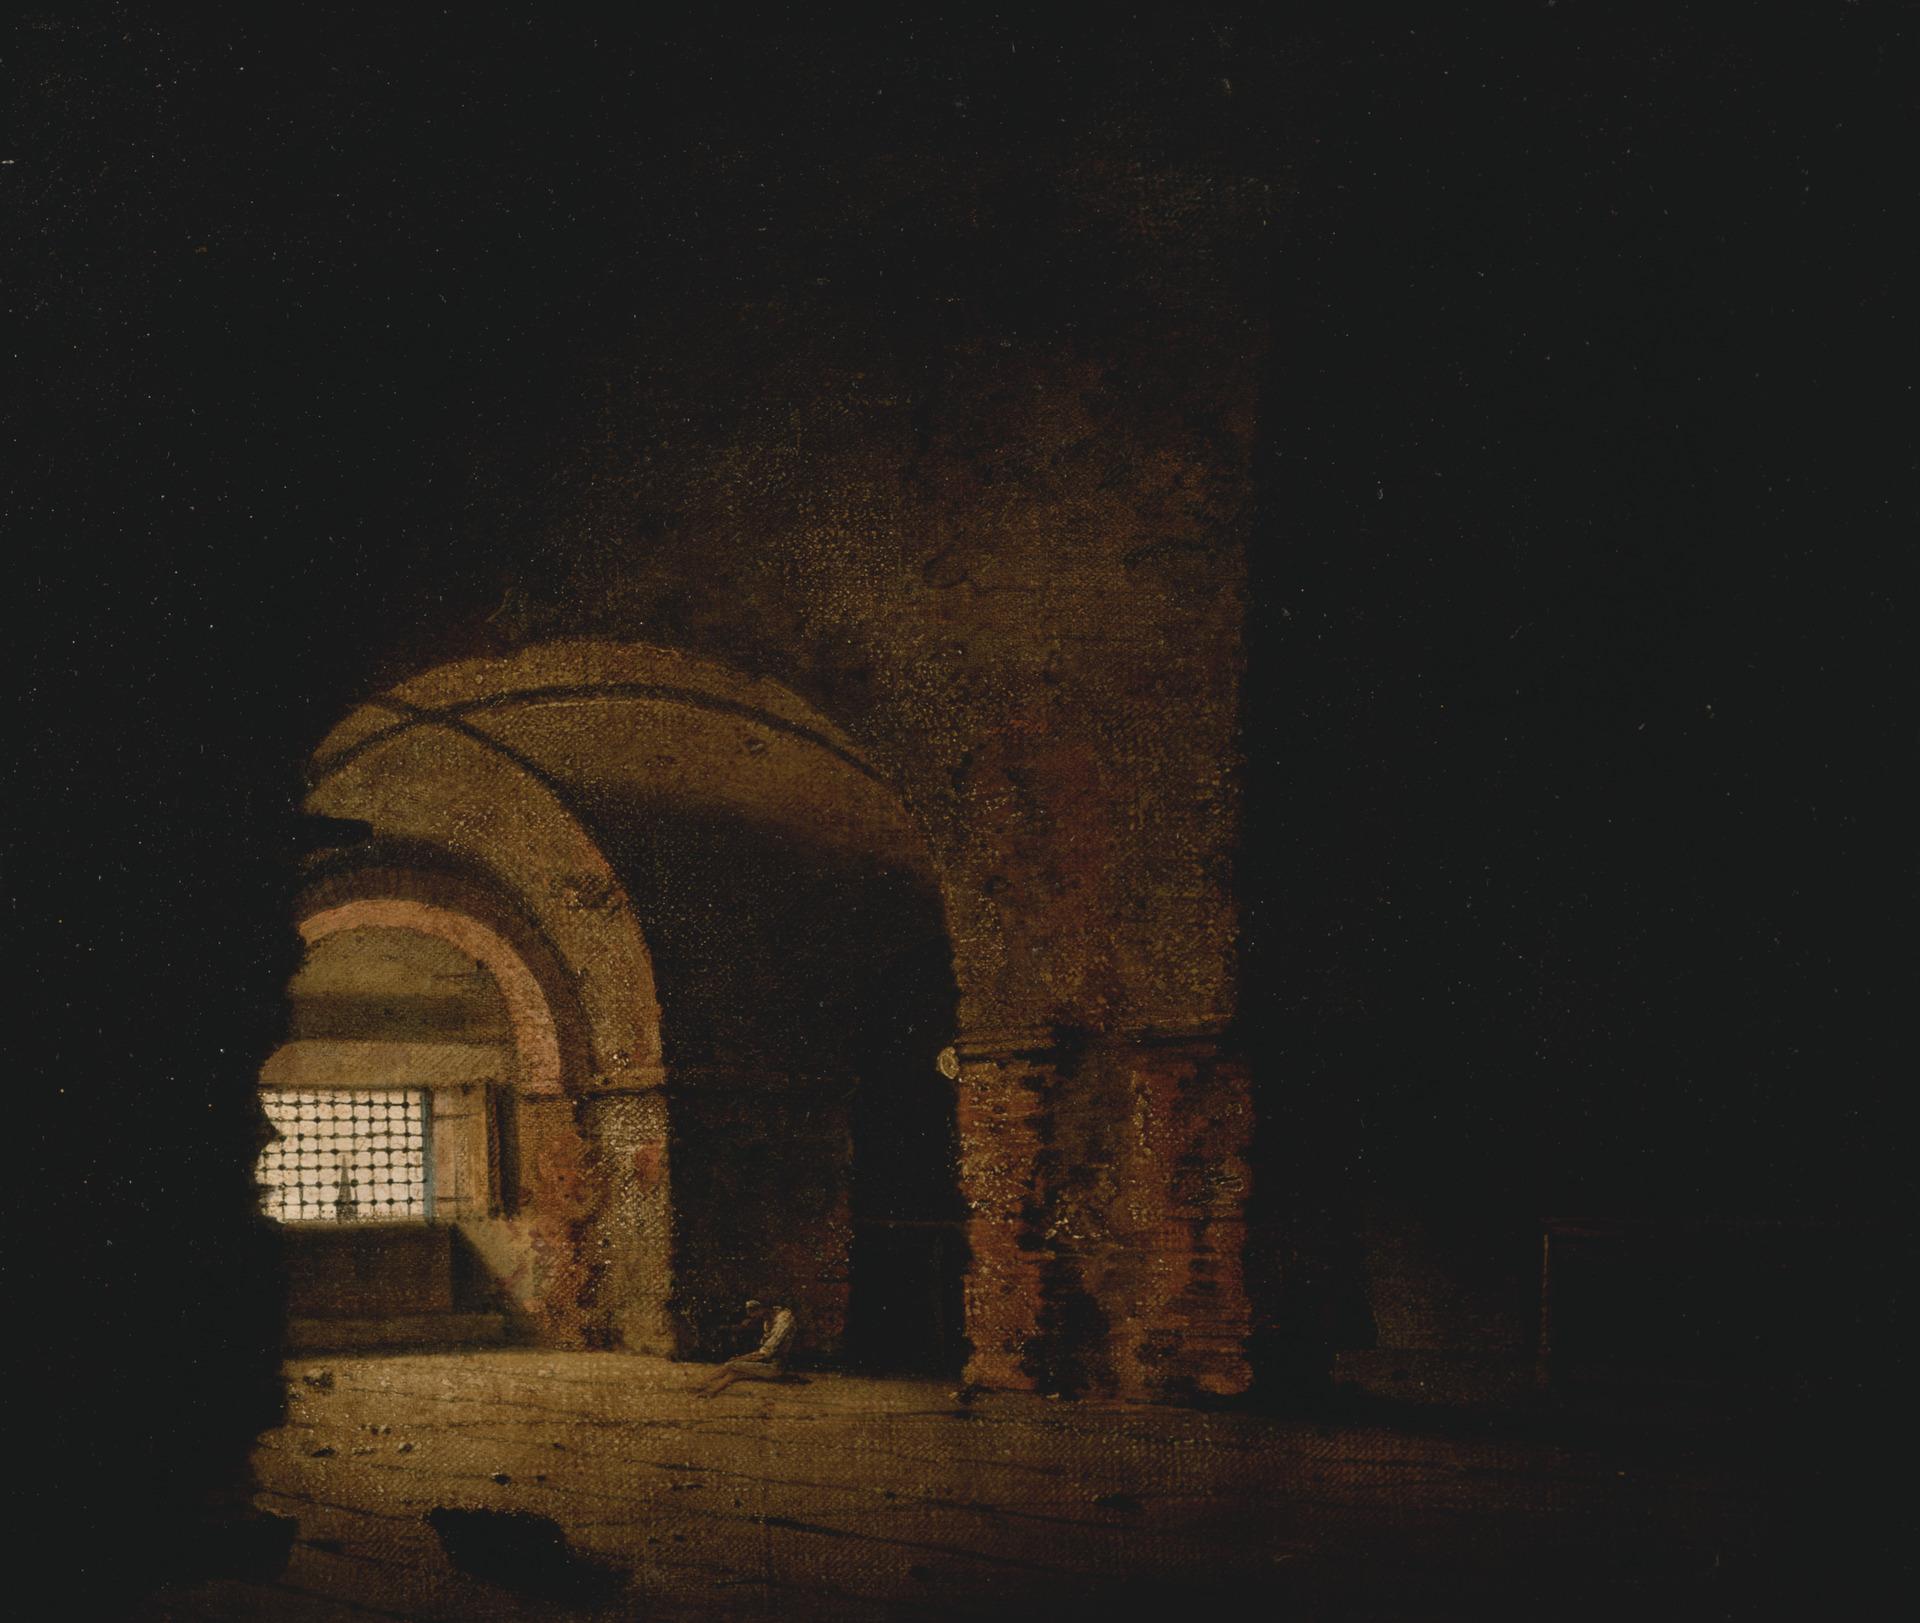 files/images/ba-obj-1172-0001-pub-large-prisoner.jpg